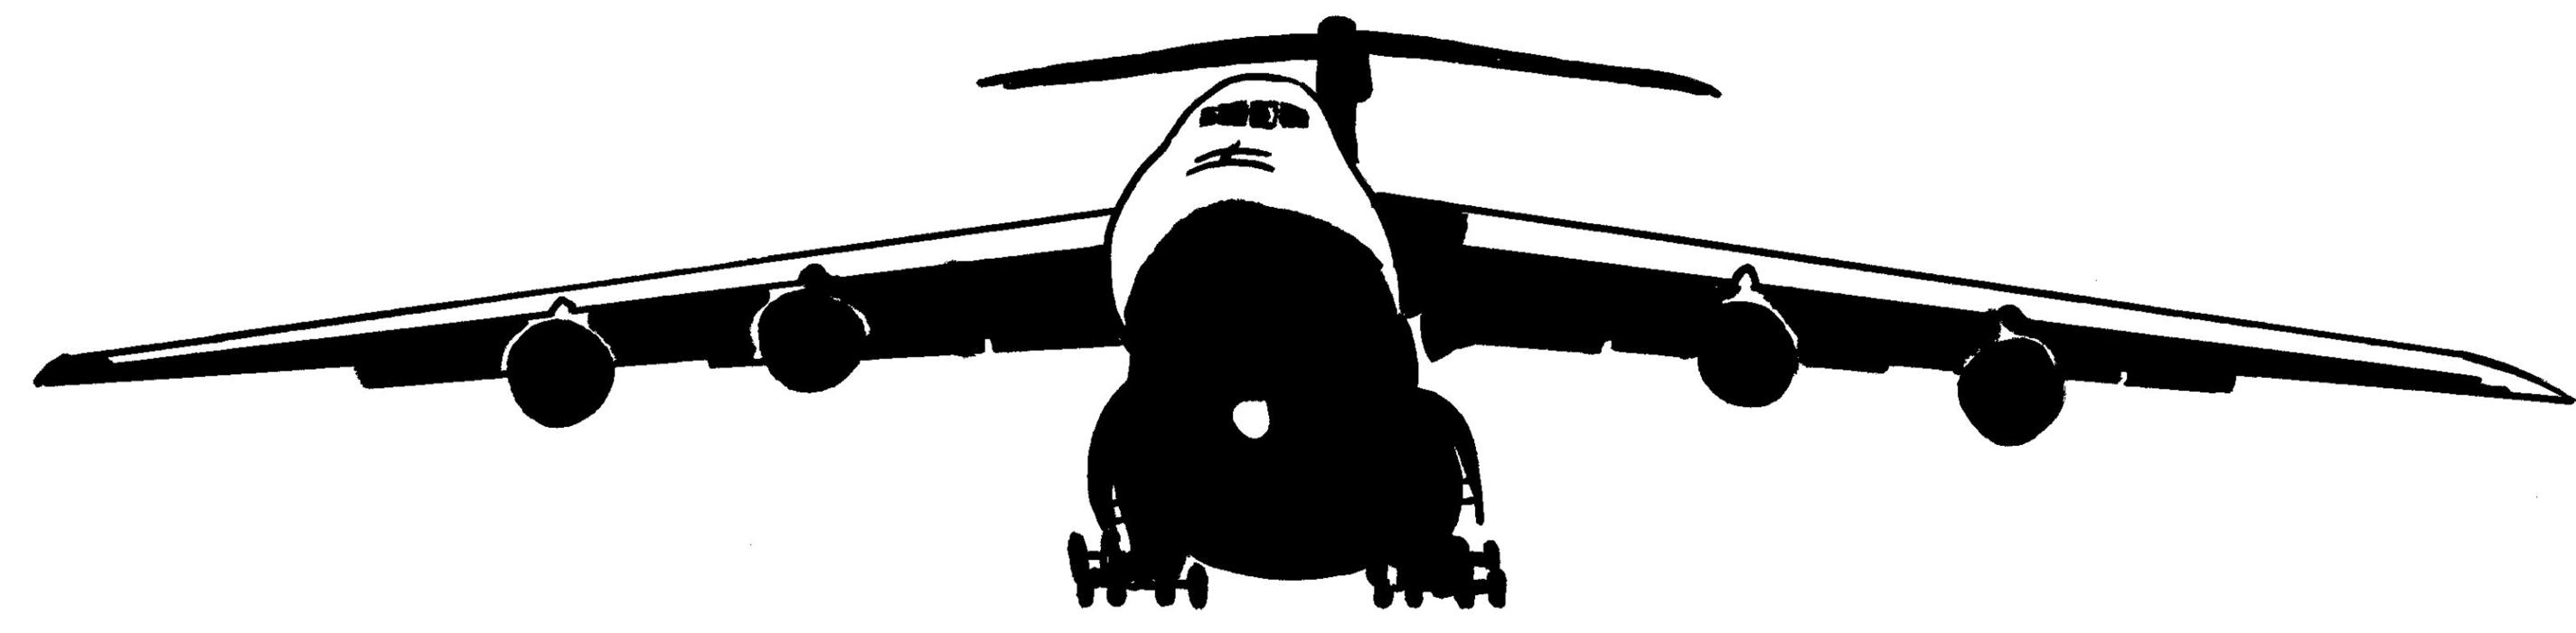 C 130 Clipart Clipart.